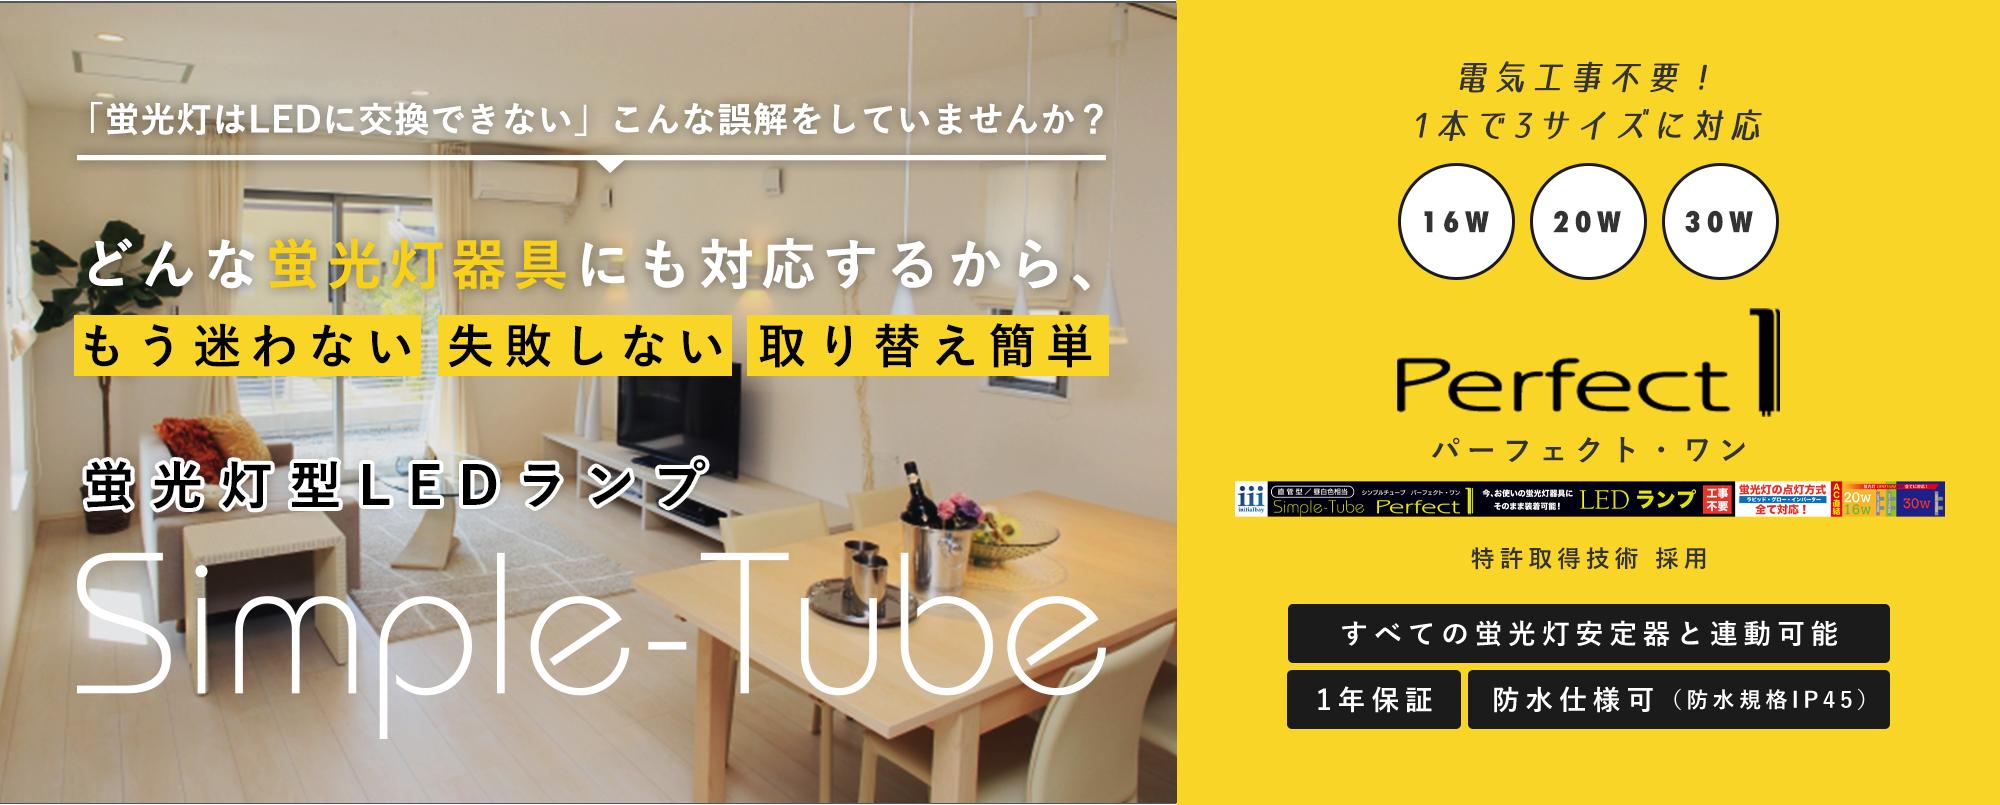 配線工事不要!安心・安全の日本メーカー製蛍光灯型LEDランプ(Simple-Tube)